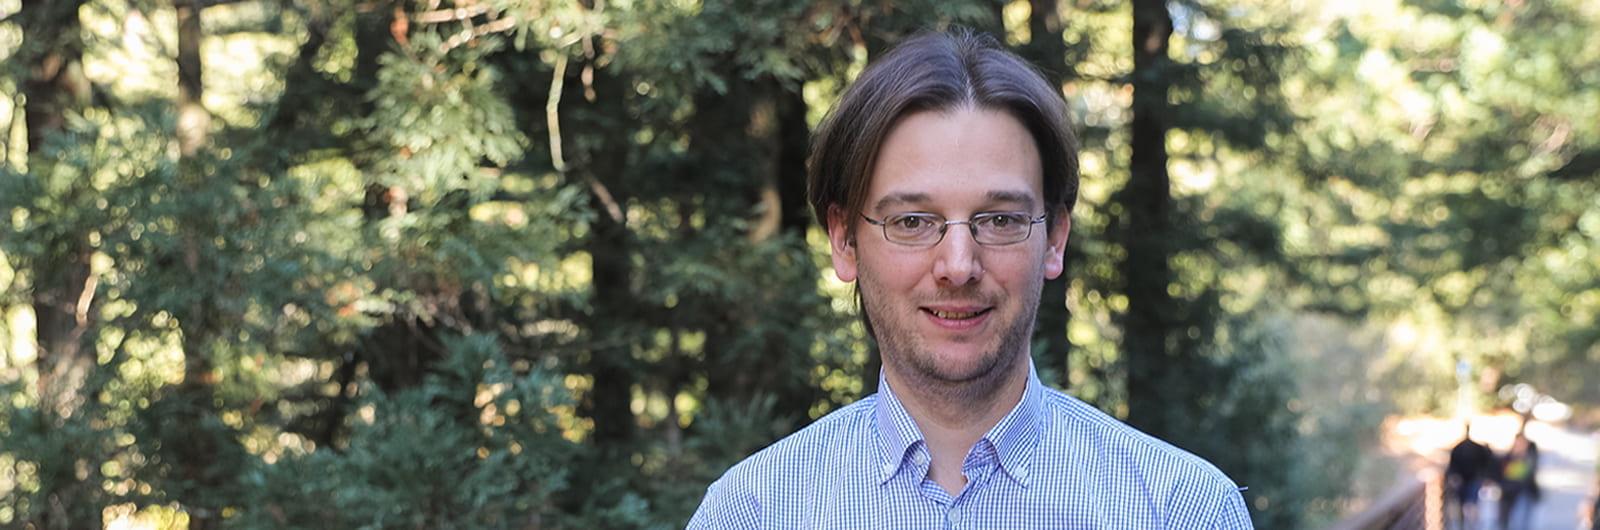 Wolfgang Altmannshofer